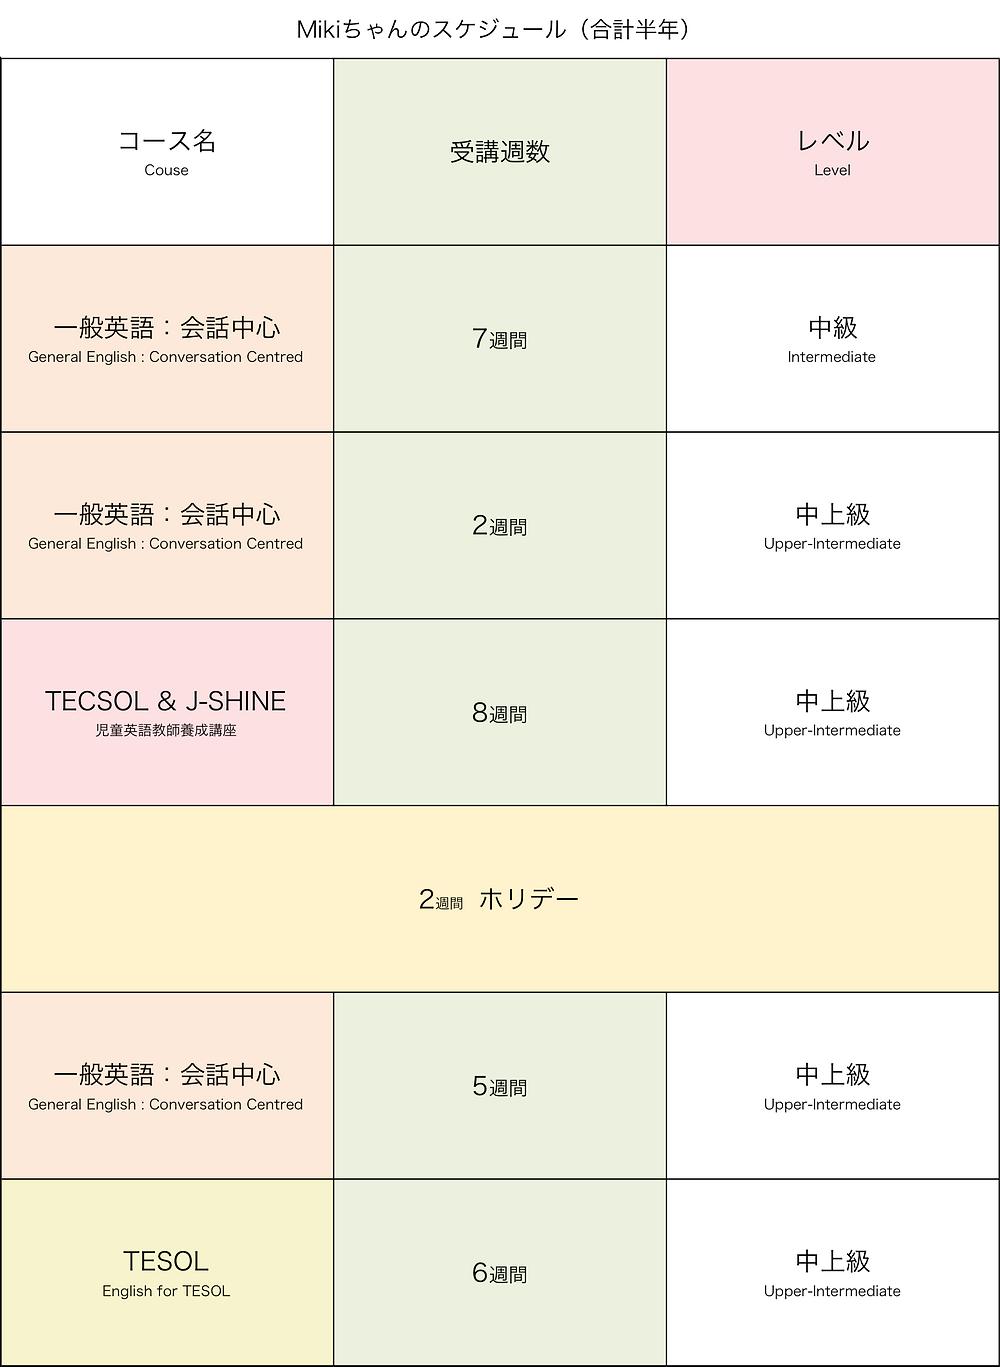 mikiちゃんのスケジュール